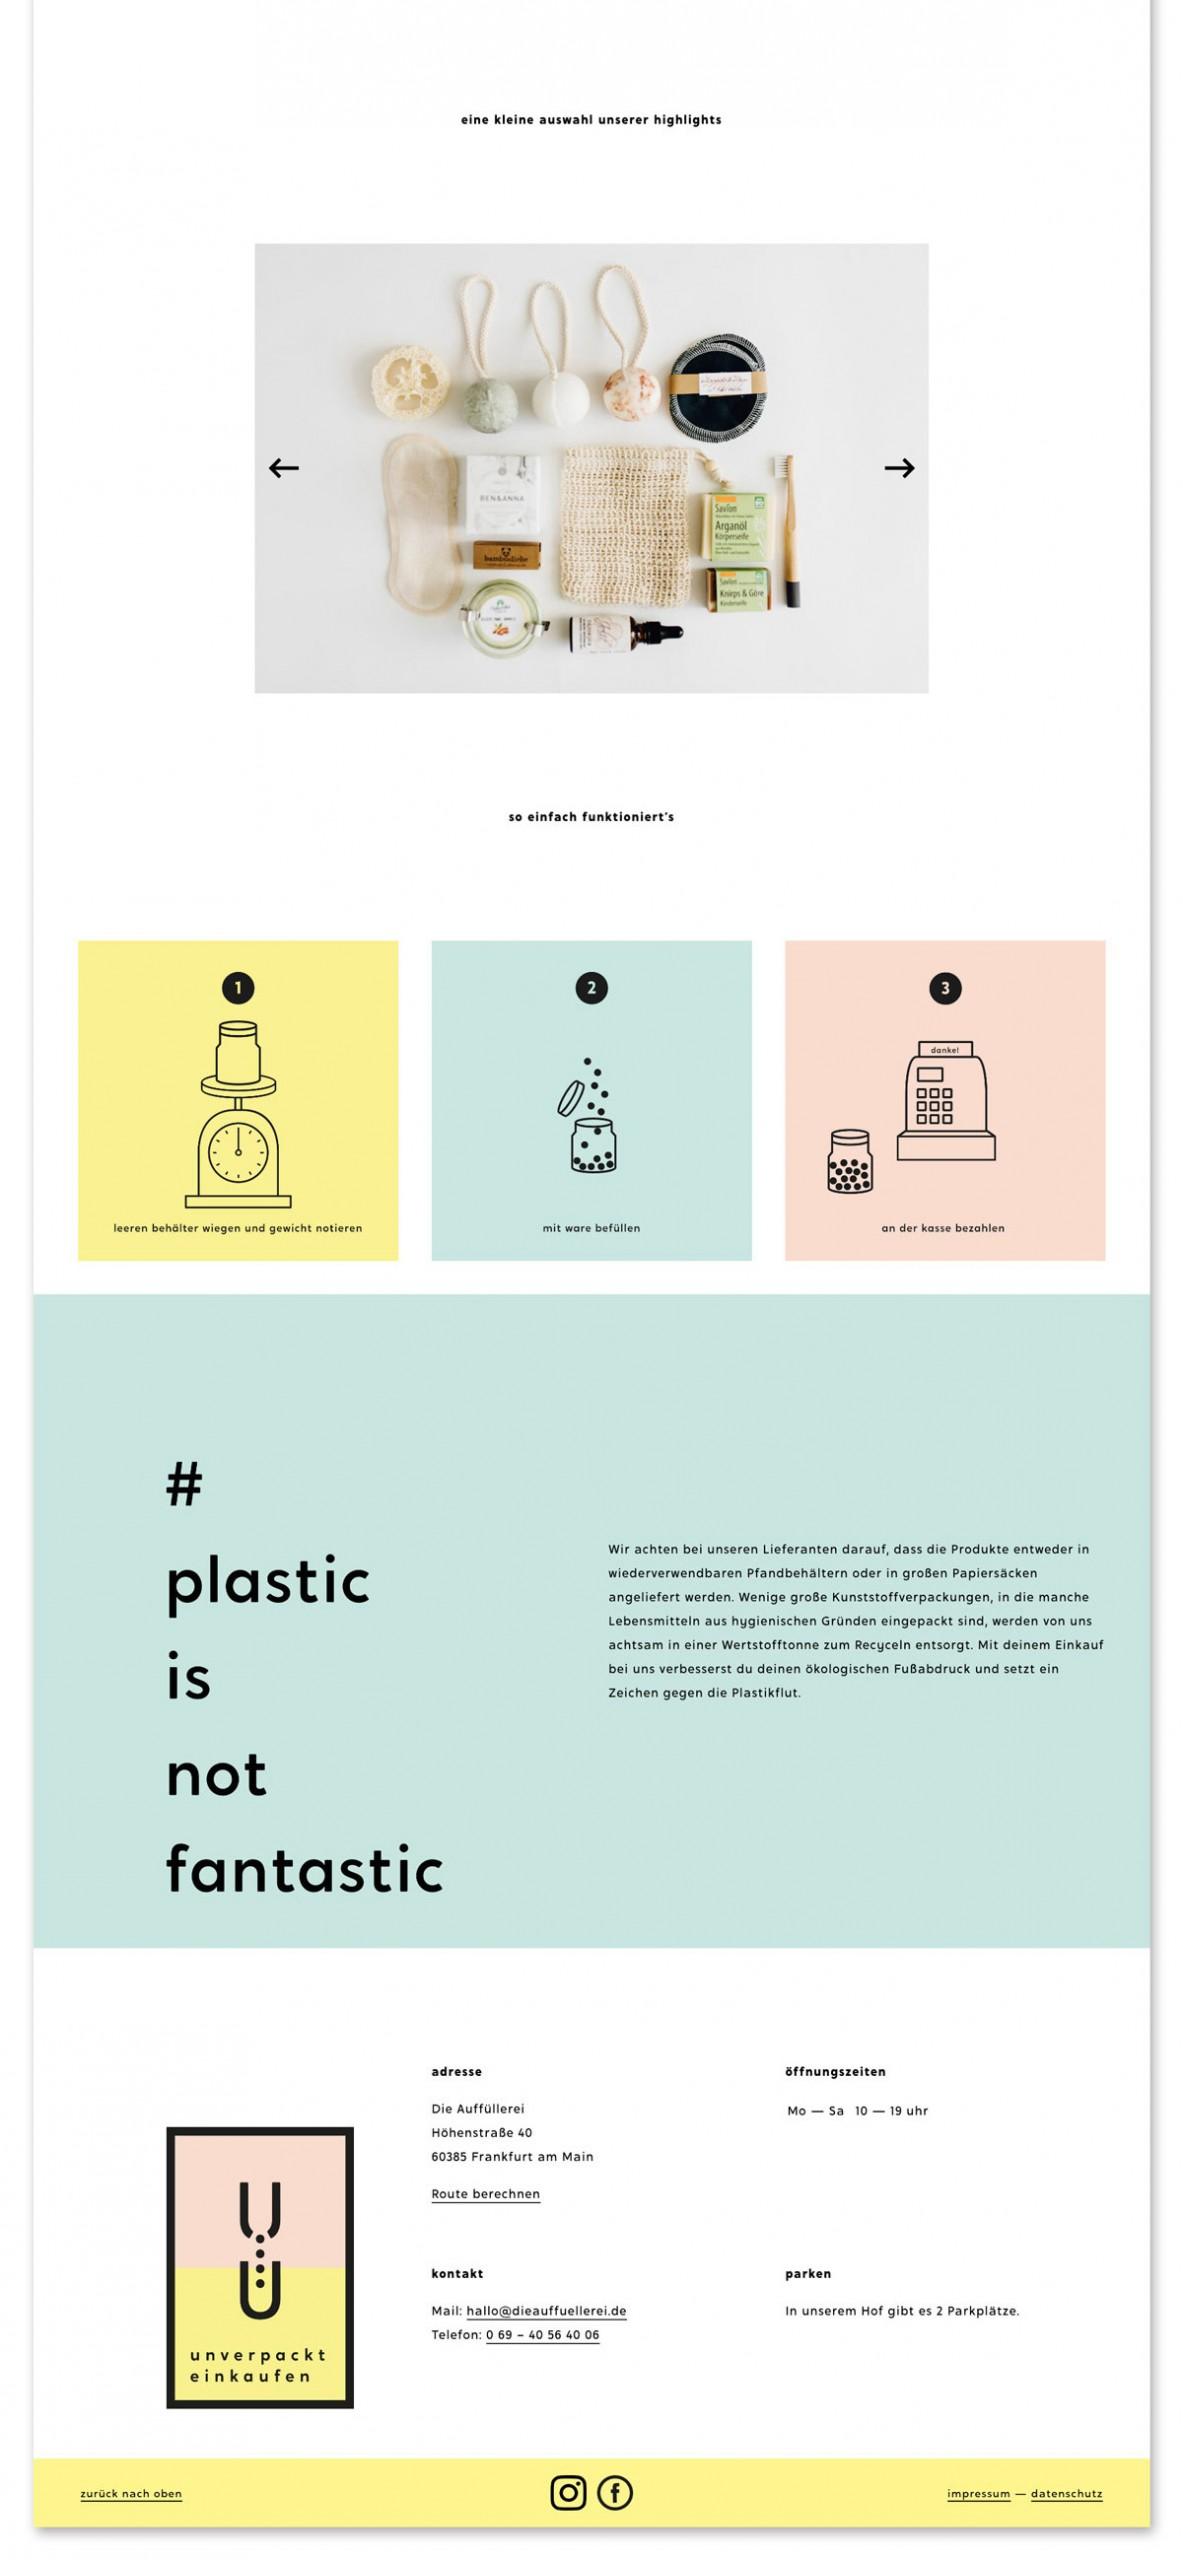 Patrick Molnar — Gestaltung Die Auffüllerei